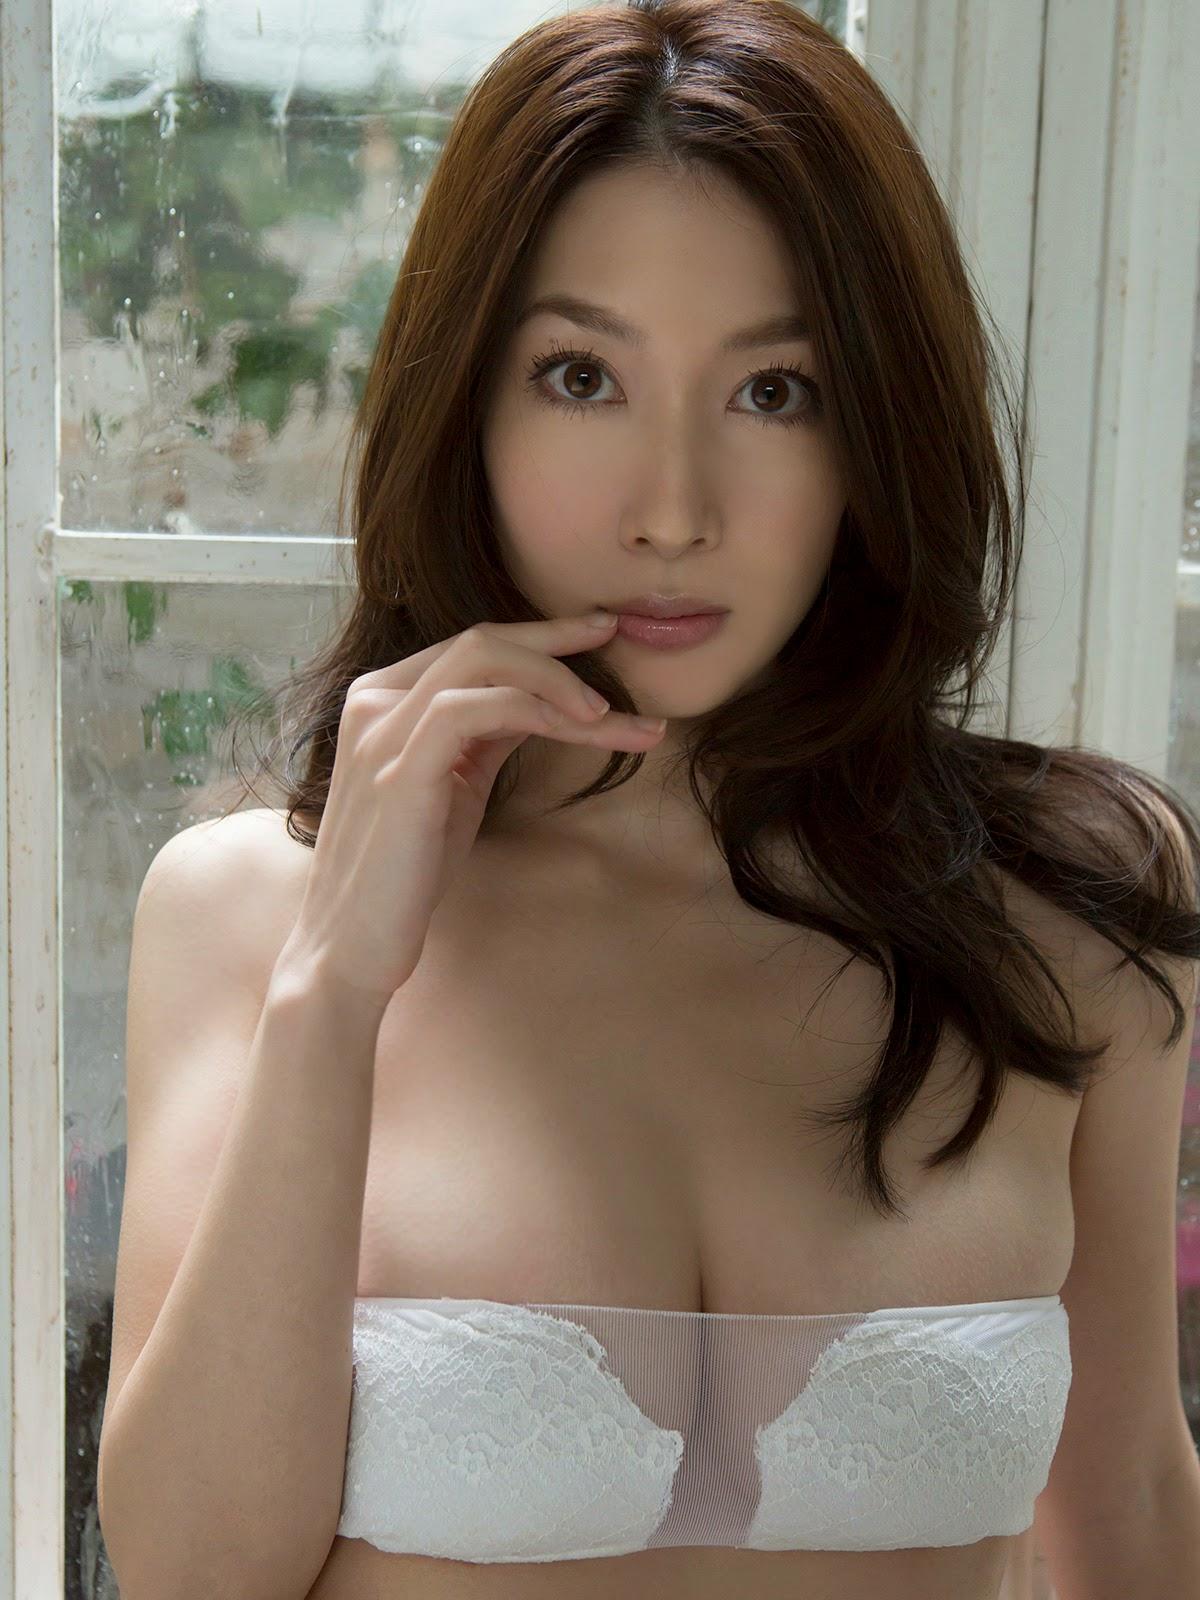 Idol Emi Kobayashi phim heo tạo dáng hấp dẫn 12